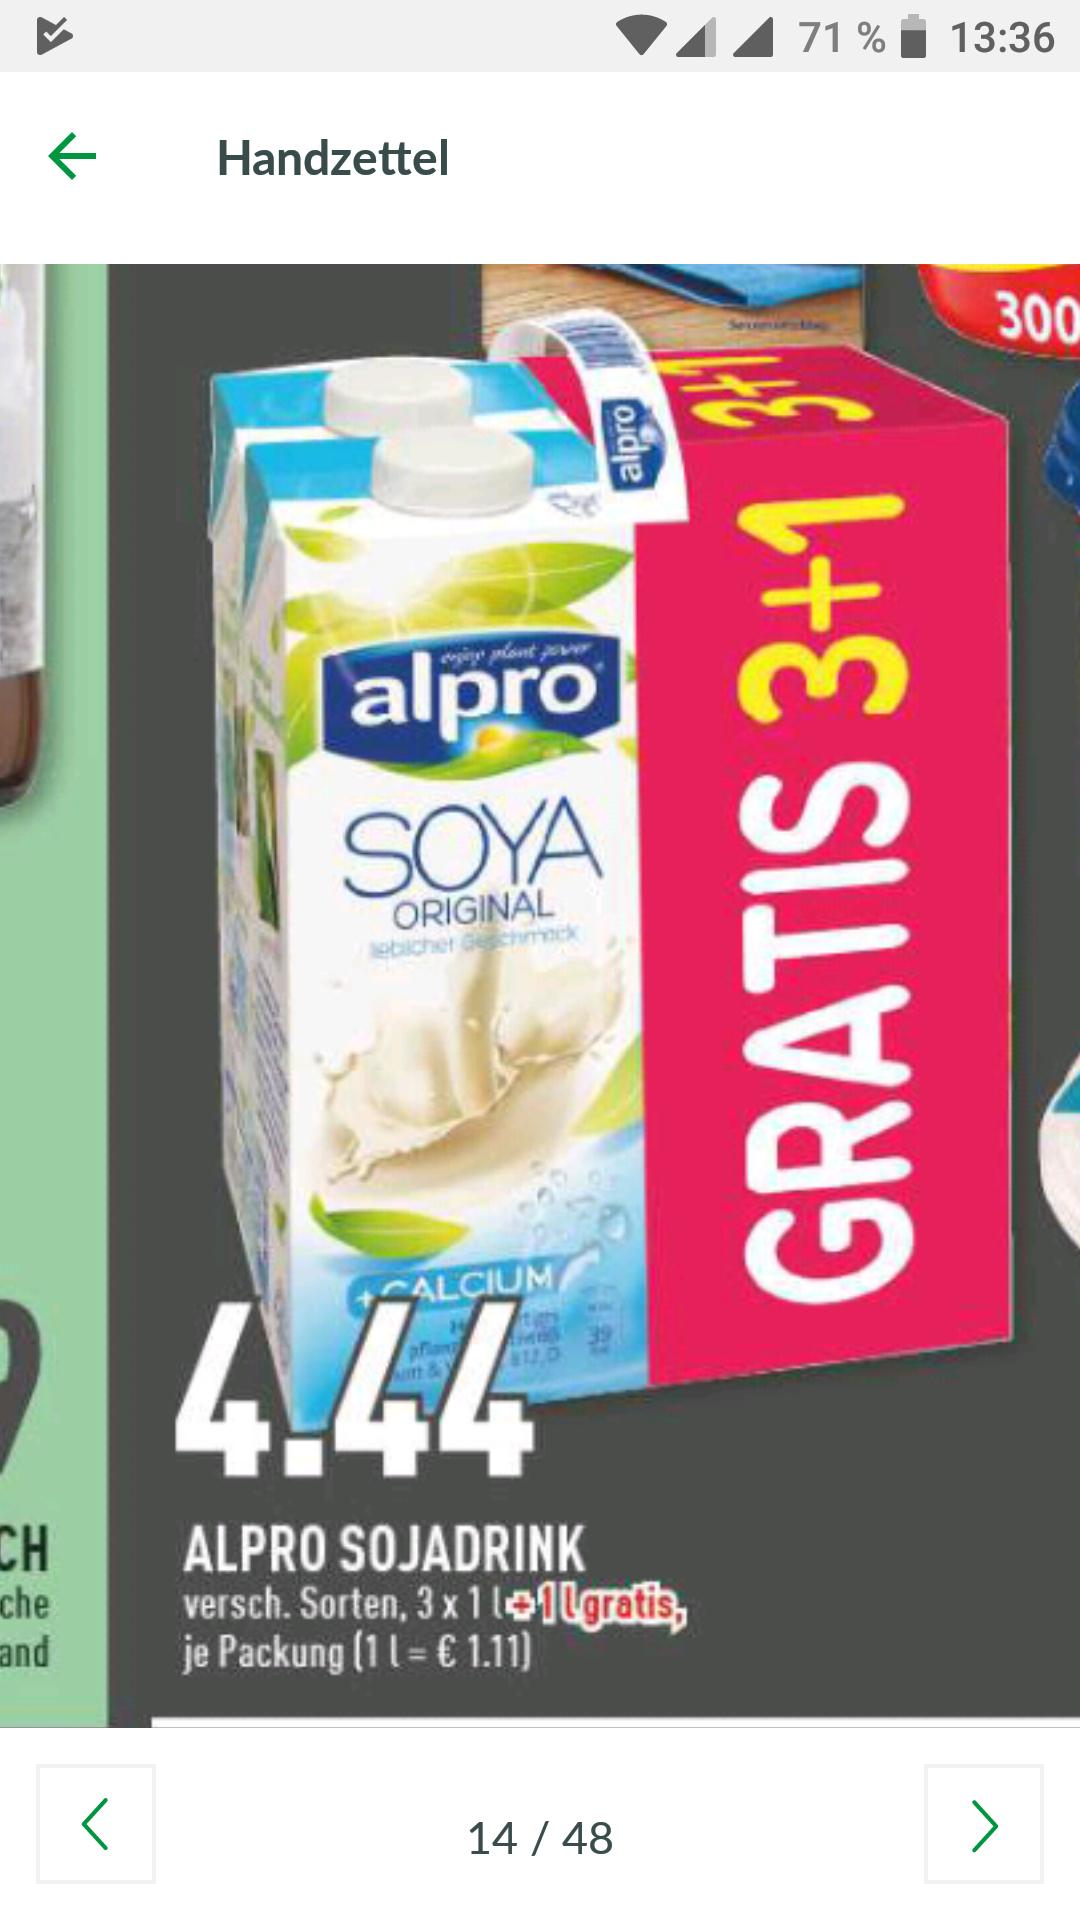 [Marktkauf Rhein-Ruhr] Alpro Soya Drink 4er